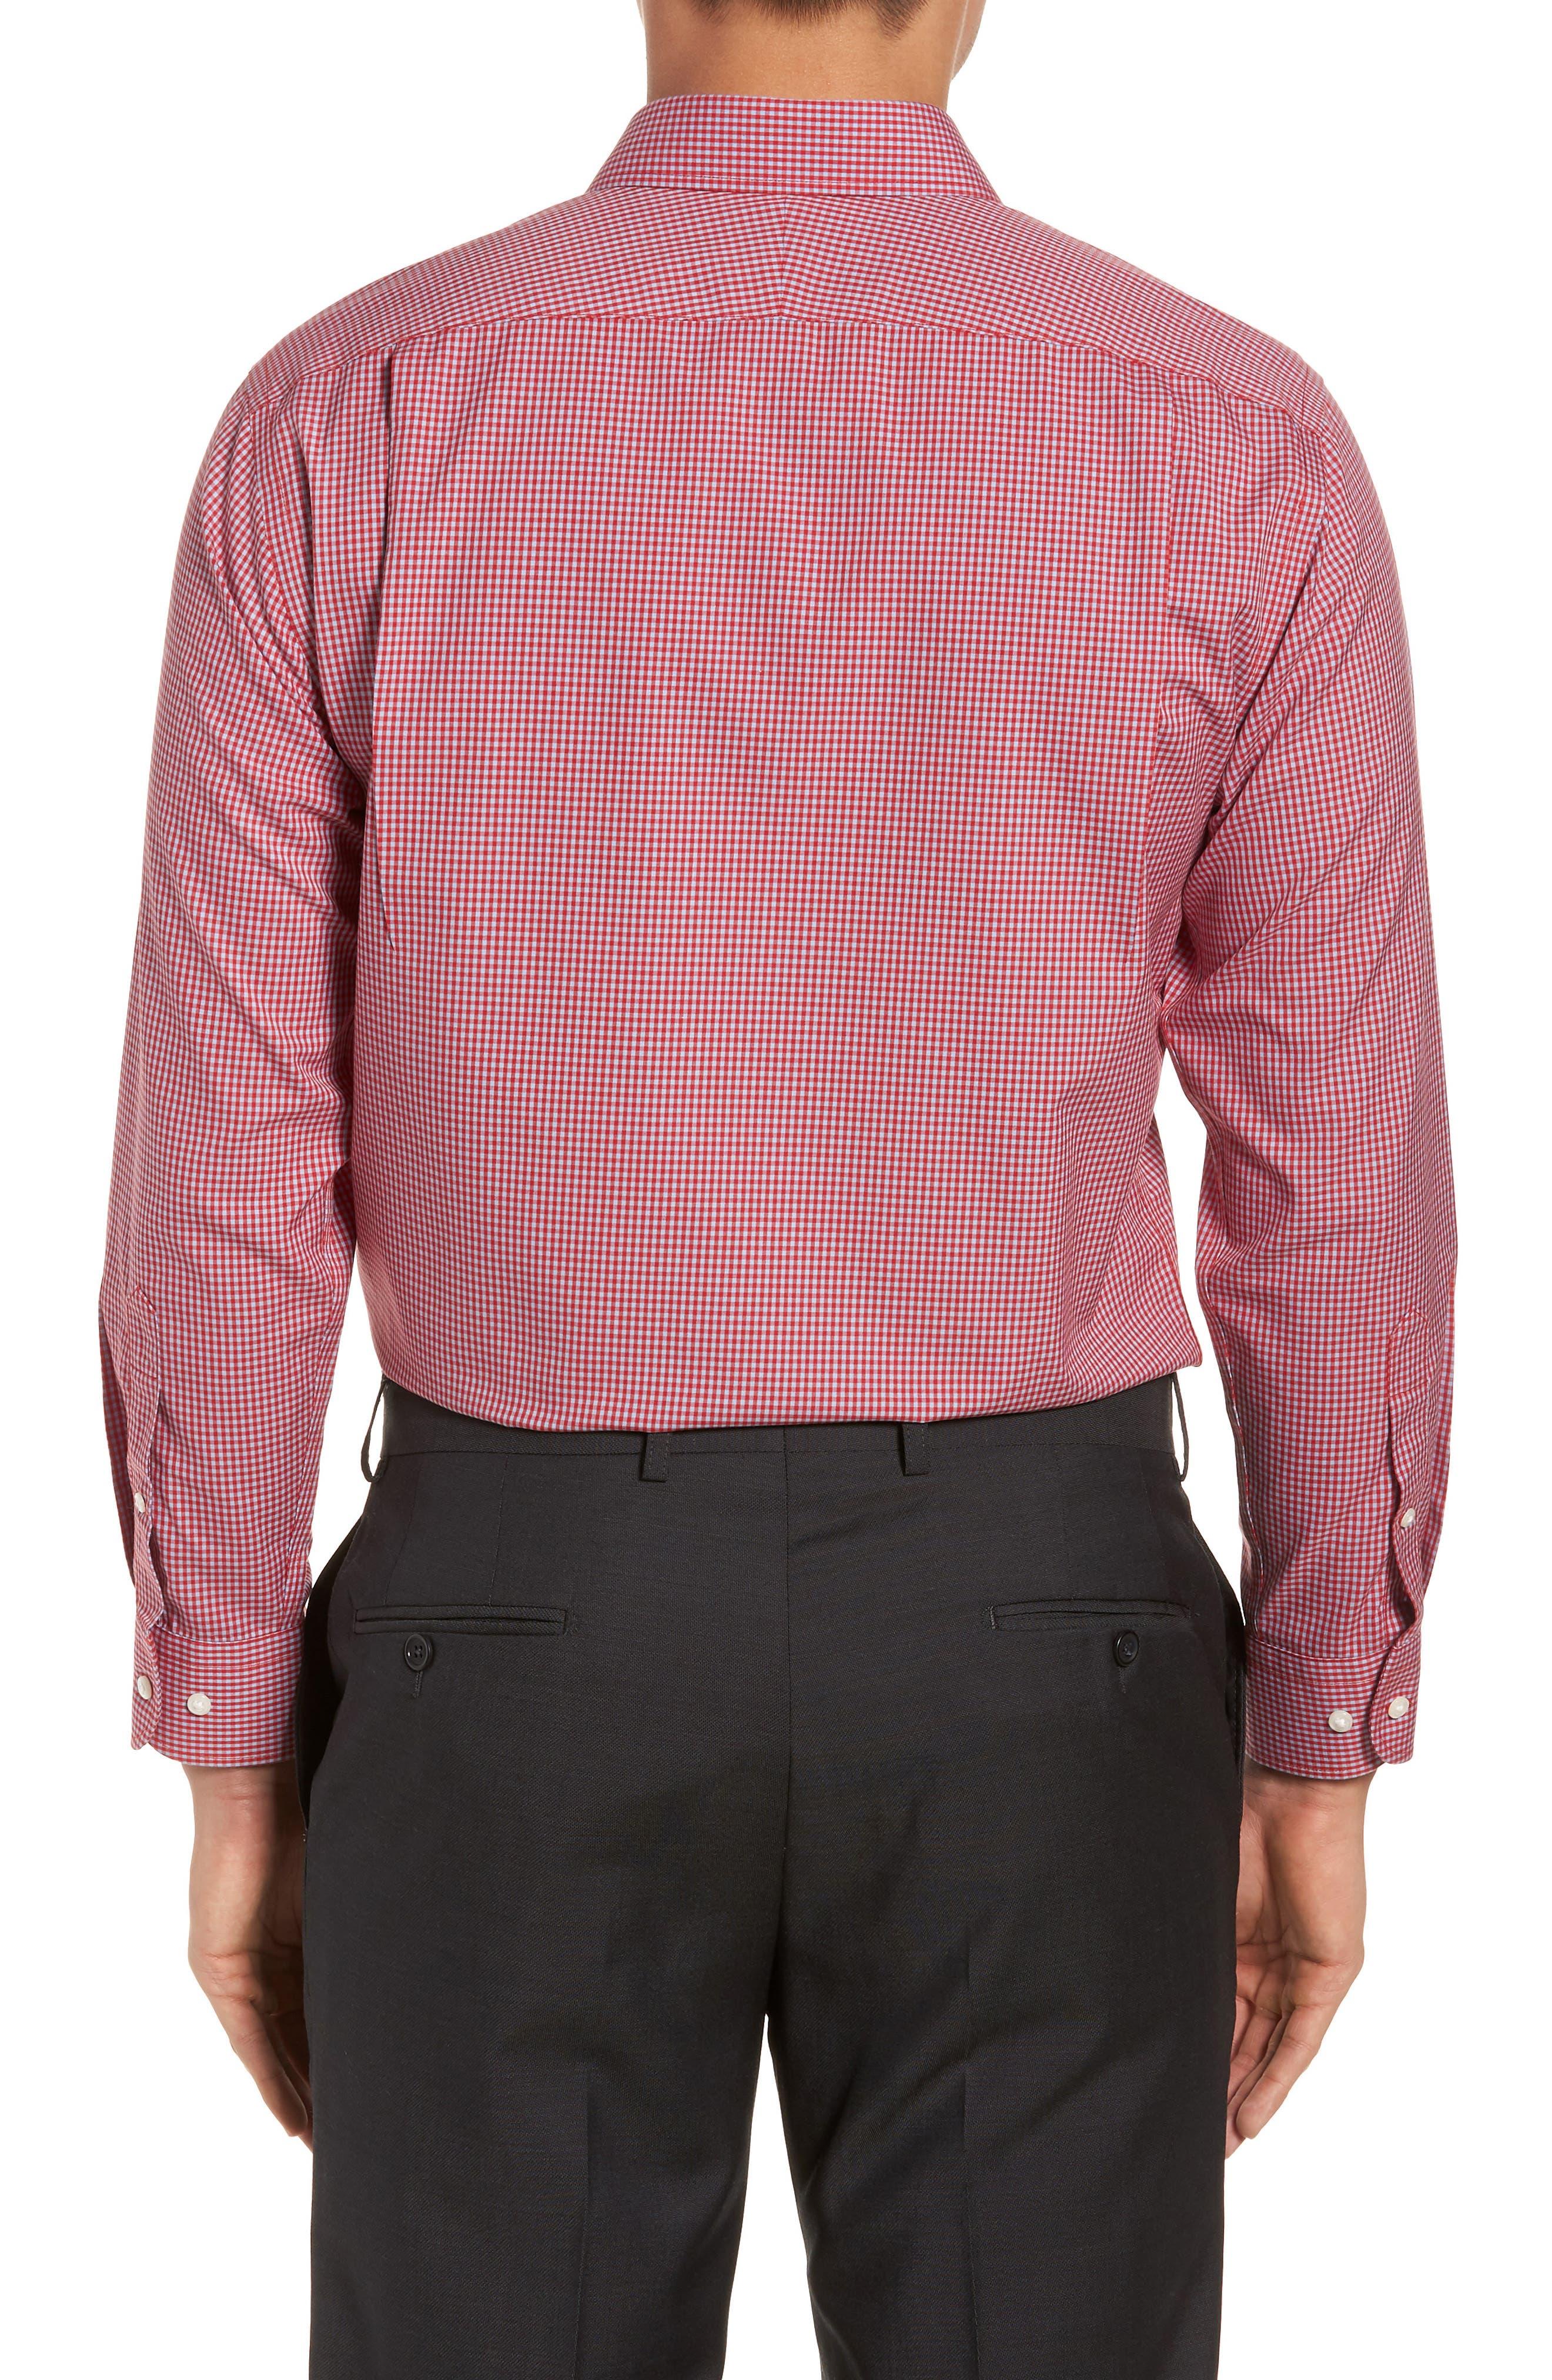 Smartcare<sup>™</sup> Trim Fit Check Dress Shirt,                             Alternate thumbnail 12, color,